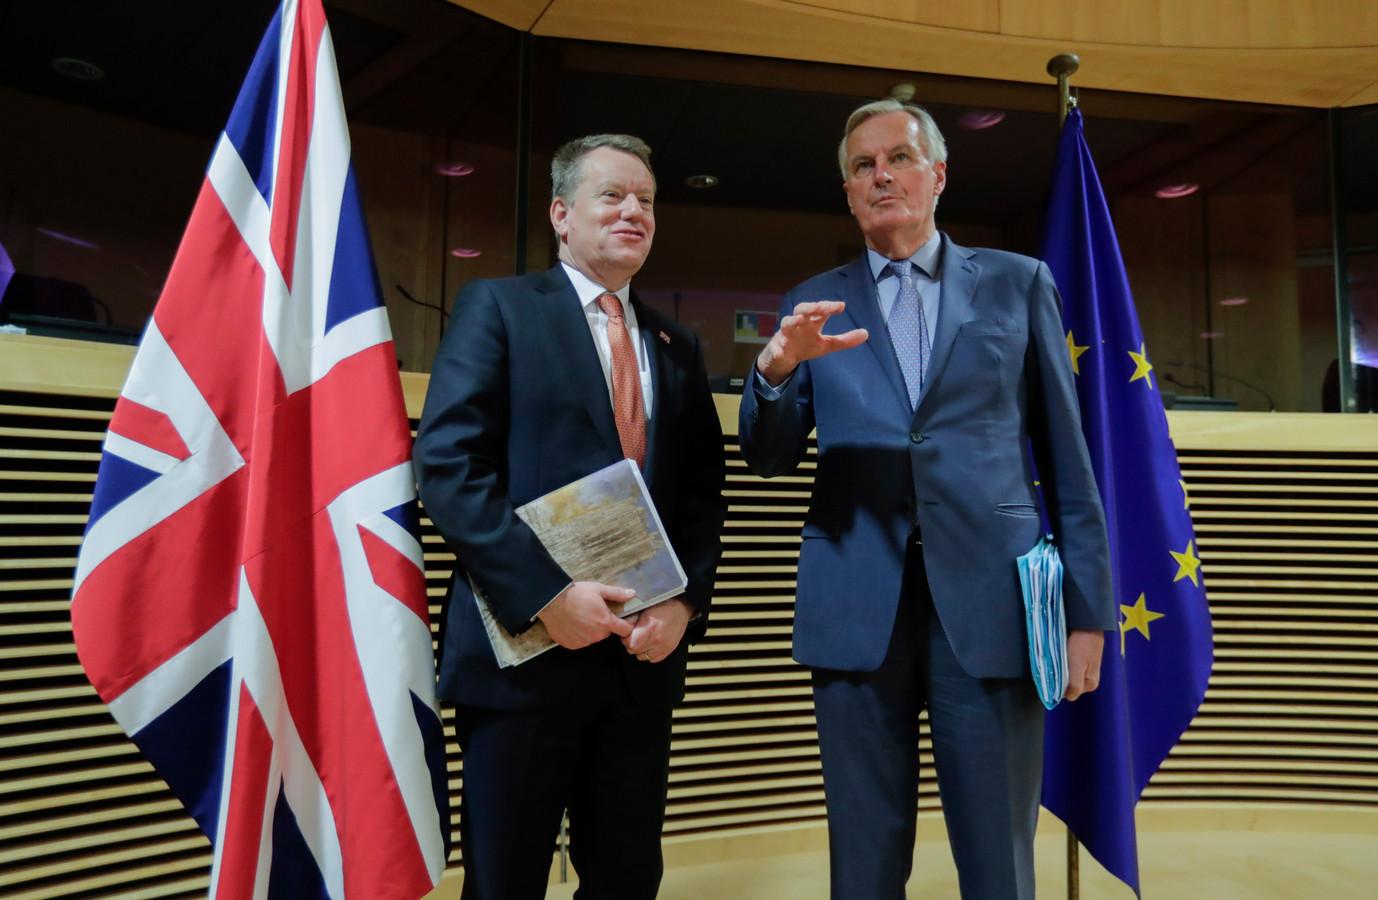 Archieffoto van hoofdonderhandelaars Michel Barnier (voor de EU) en David Frost (voor het VK).